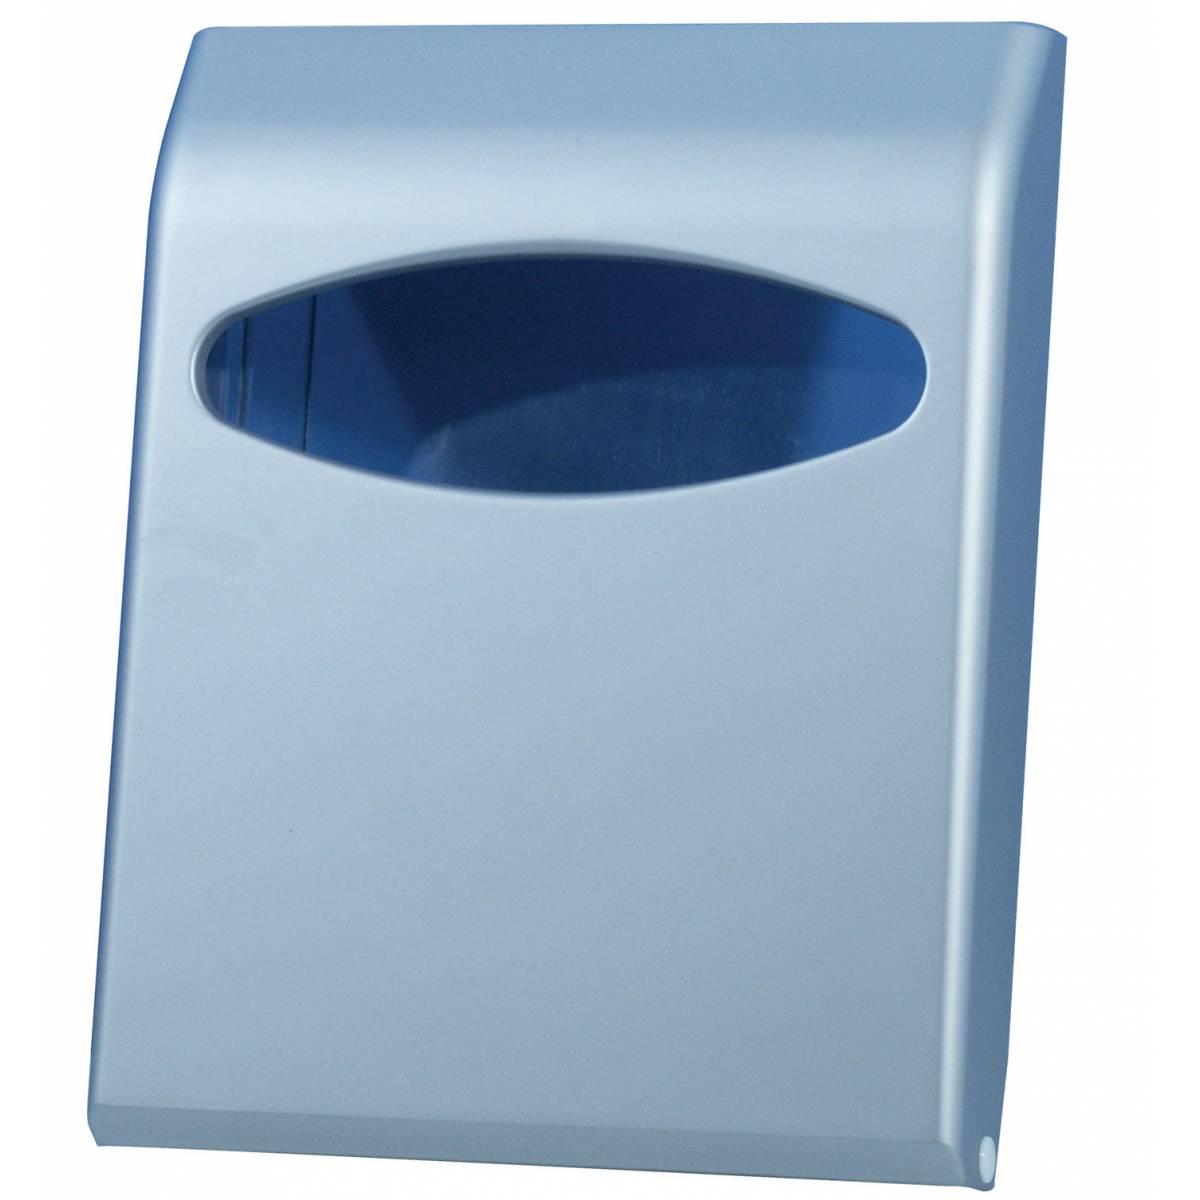 Держатель накладок MINI на унитаз PRESTIGE (662SAT) A66211SAT Mar Plast